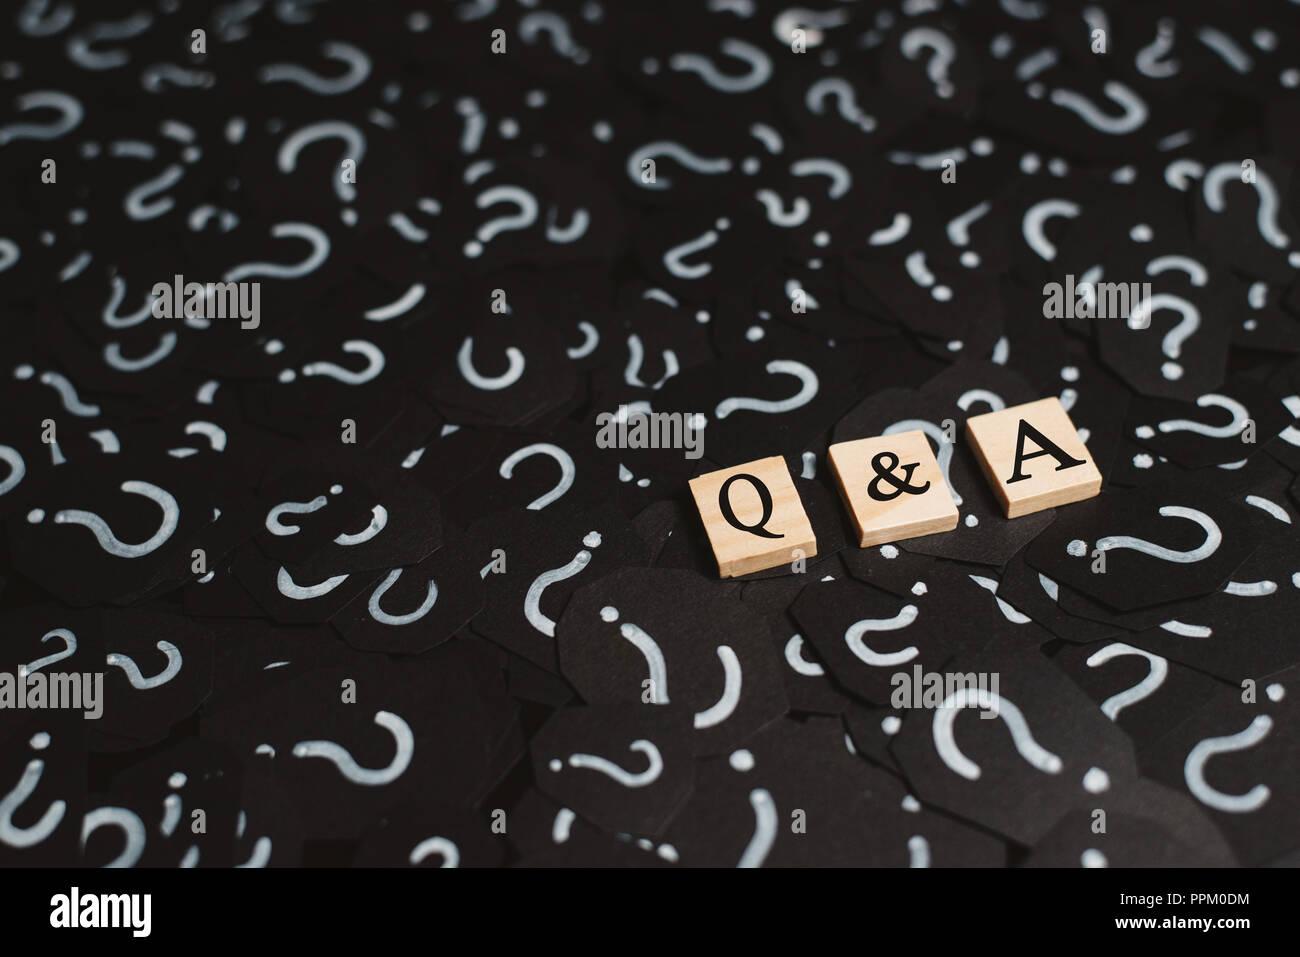 Alphabet en bois 600x600 avec Q&A lettre sur papier noir avec point d'interrogation. Concept de Question et réponse Q&A aider en ligne Photo Stock